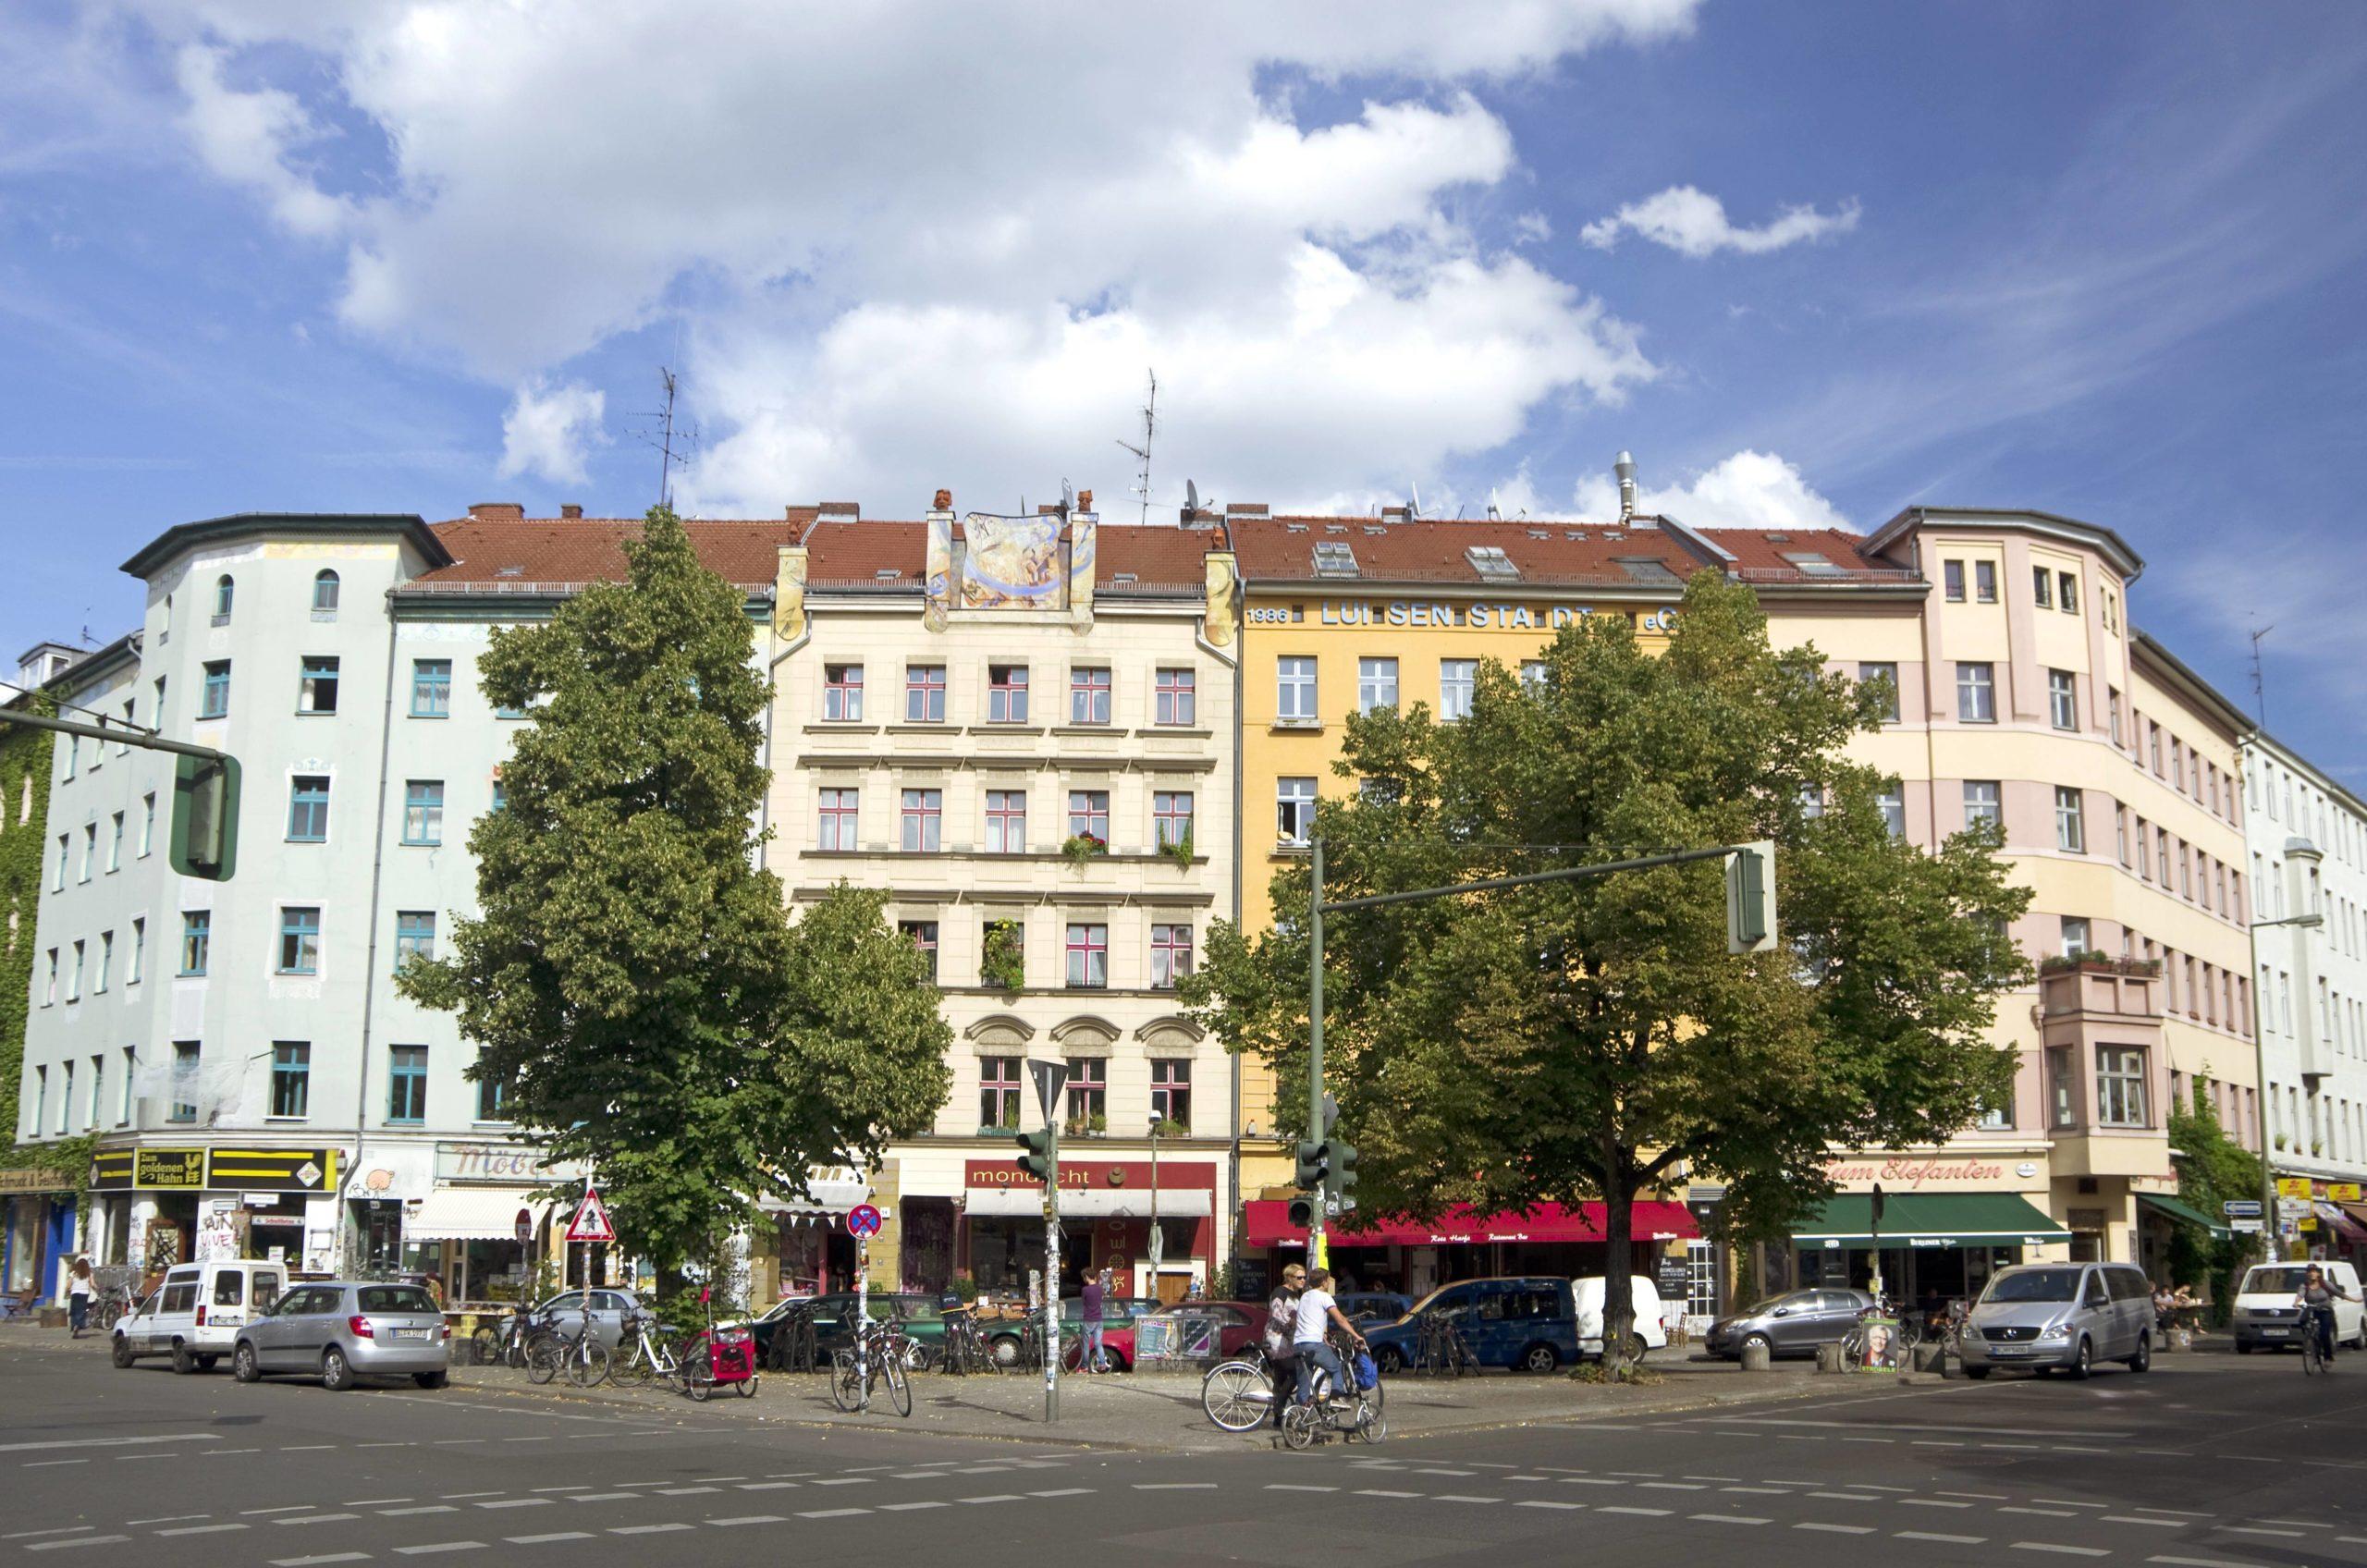 Der Heinrichplatz in Kreuzberg soll in Rio-Reiser-Platz umbenannt werden. Foto: Imago/Westend61